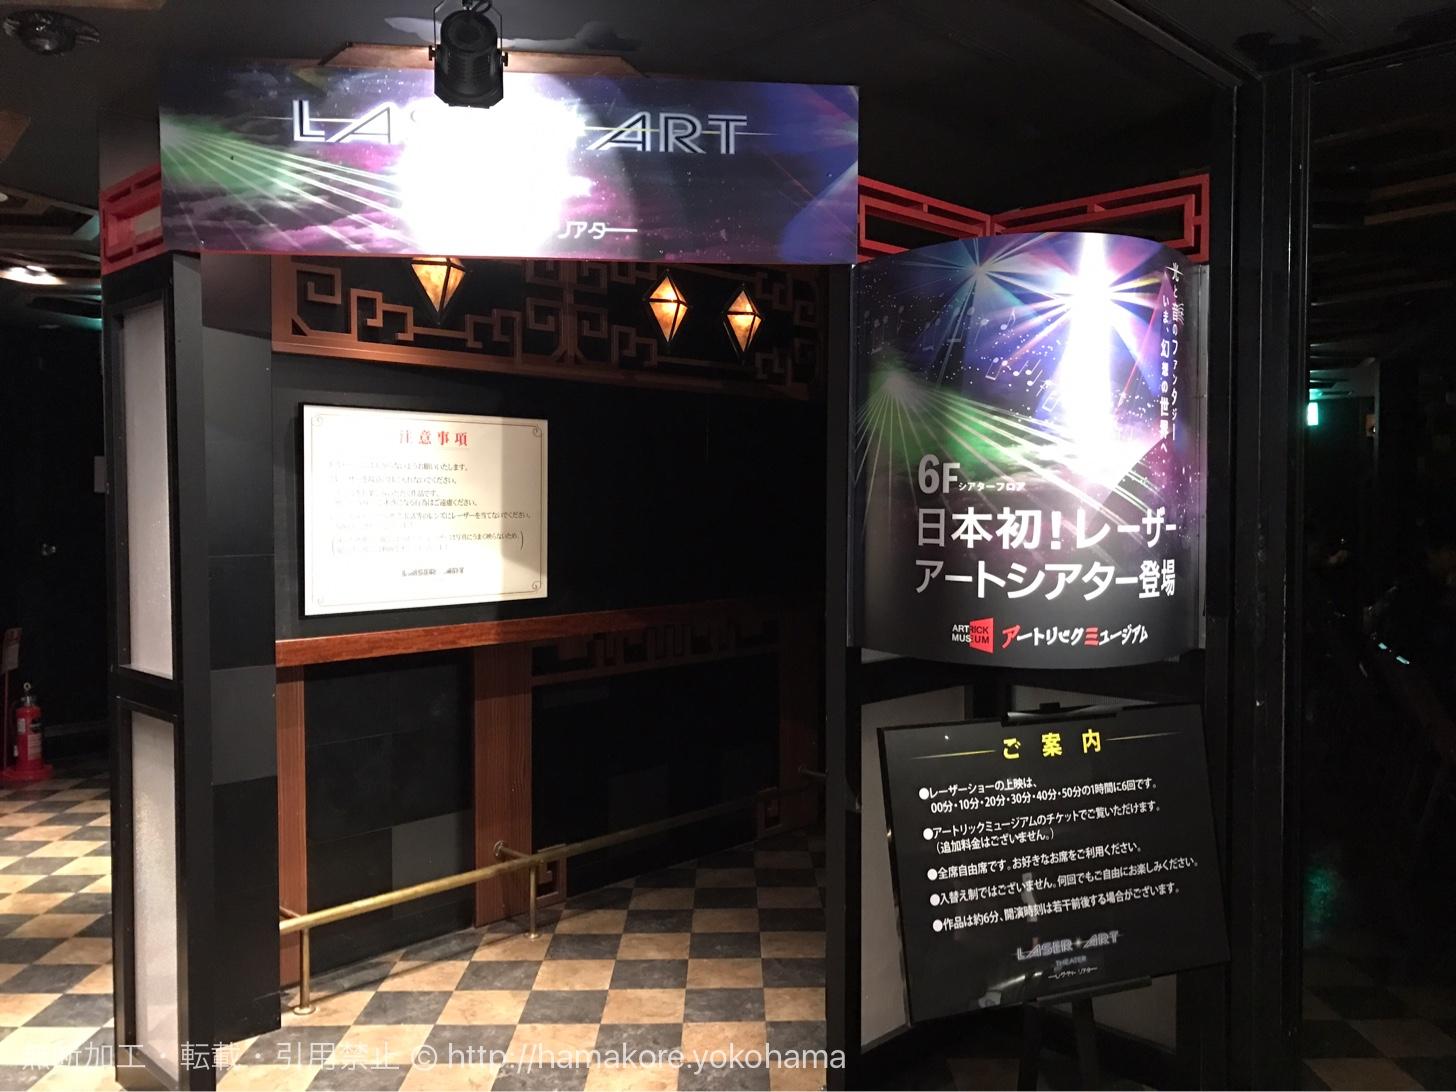 日本初のレーザーアートシアターを横浜中華街で初体験!トリックアートも楽しめて濃厚な時間に